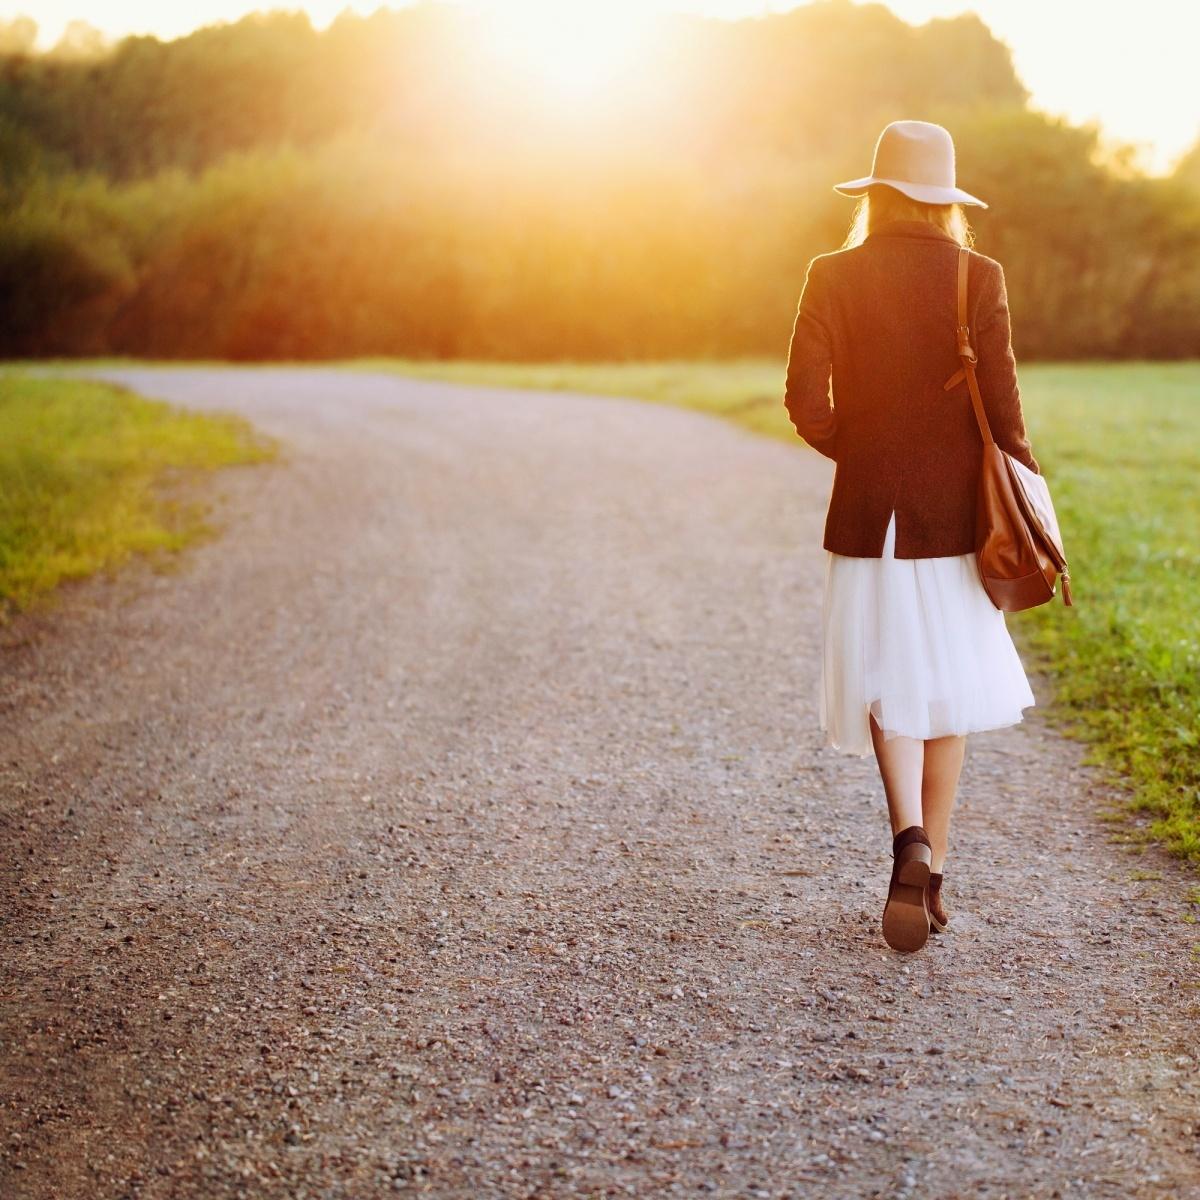 Фото уходящей девушки по дороге